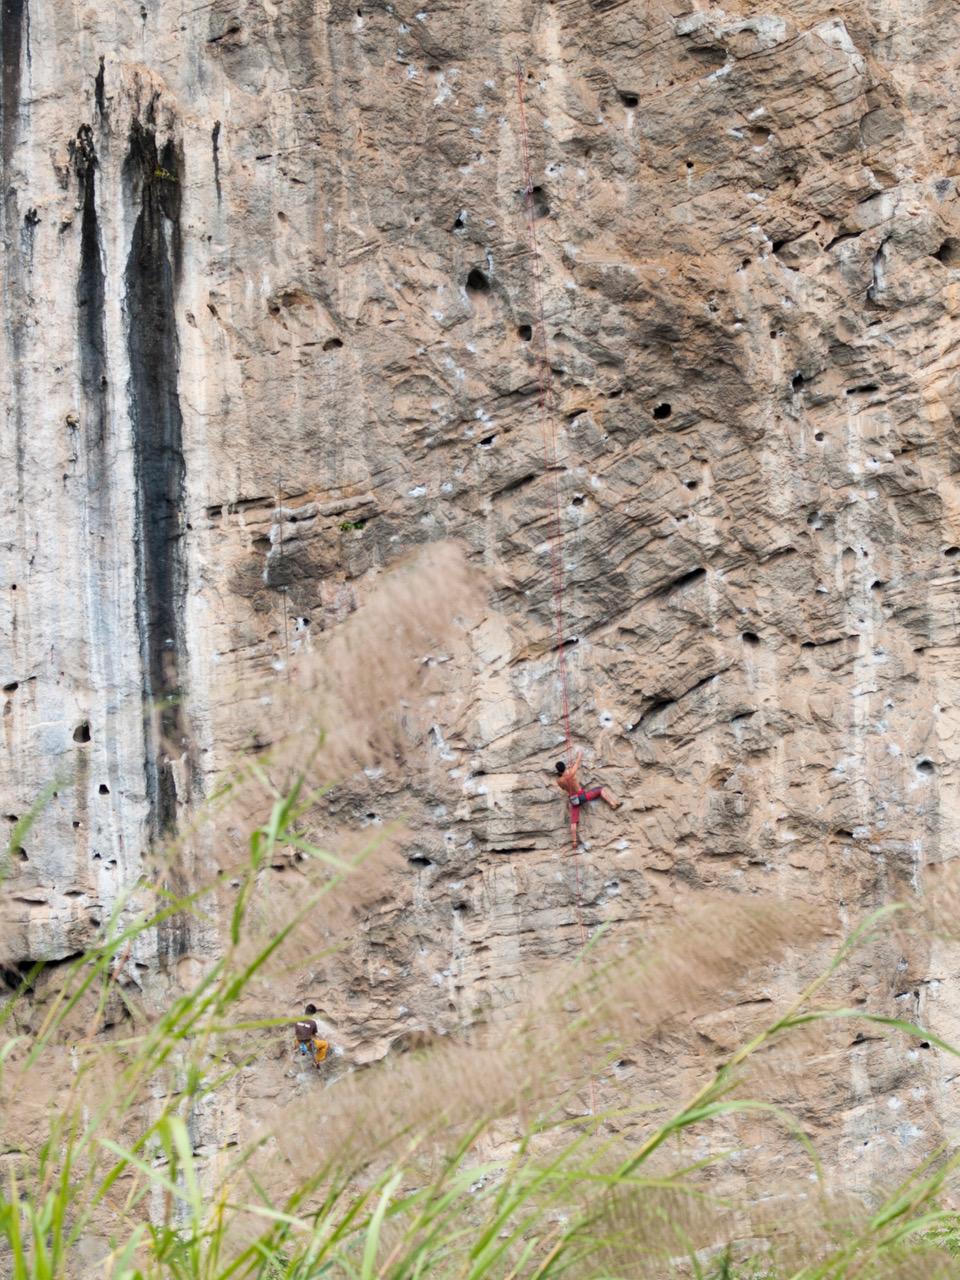 White Mountain Crag